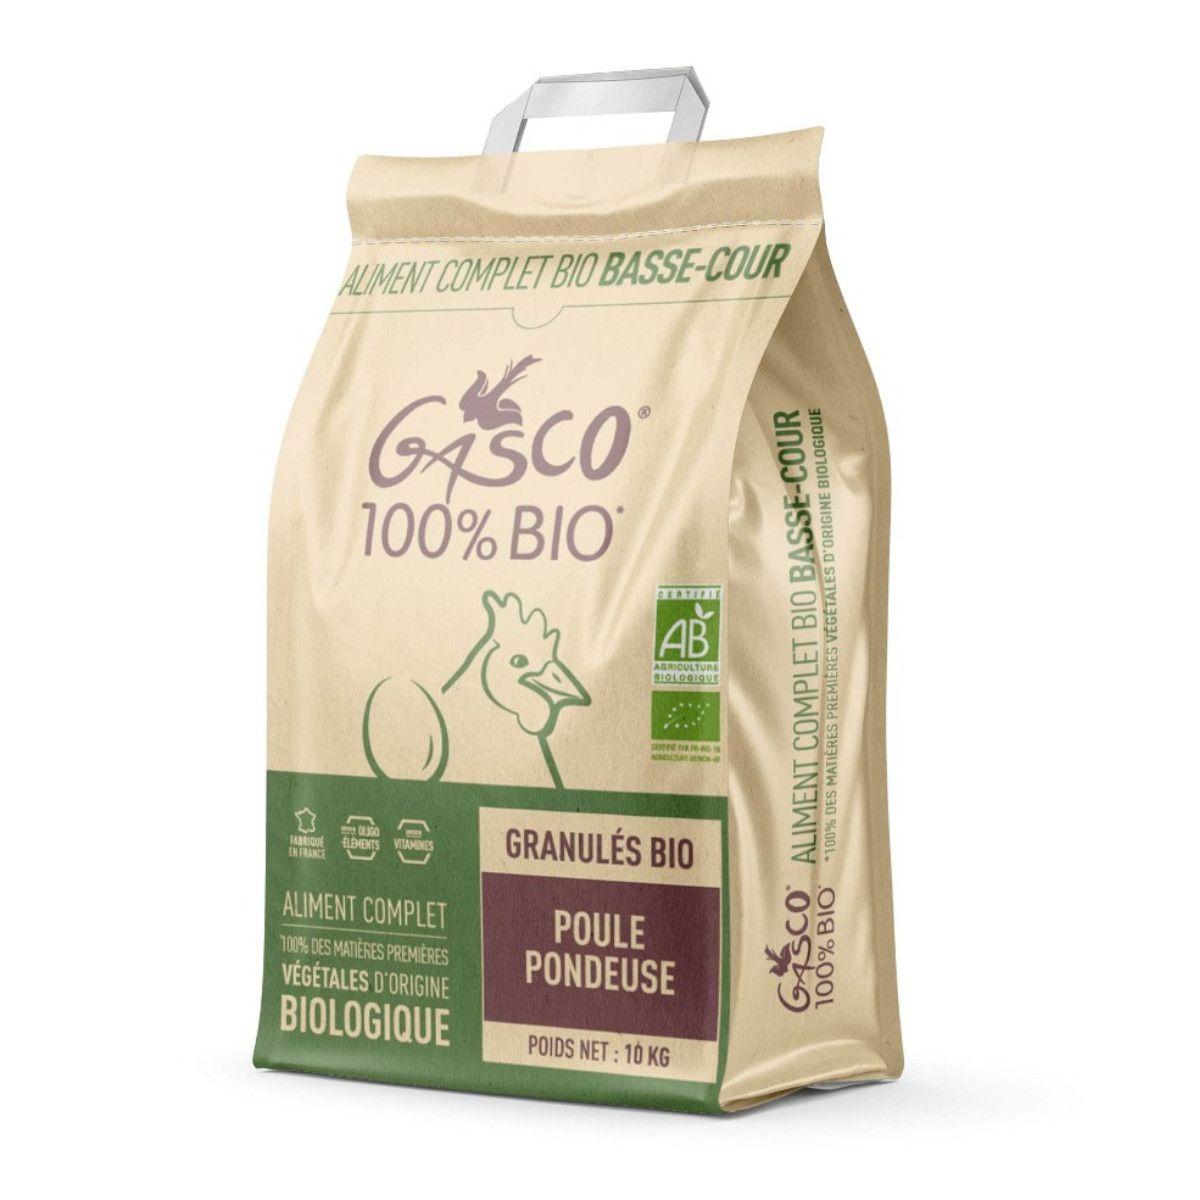 GASCO- Alimentation BIO -Granulés poule pondeuse 5kg